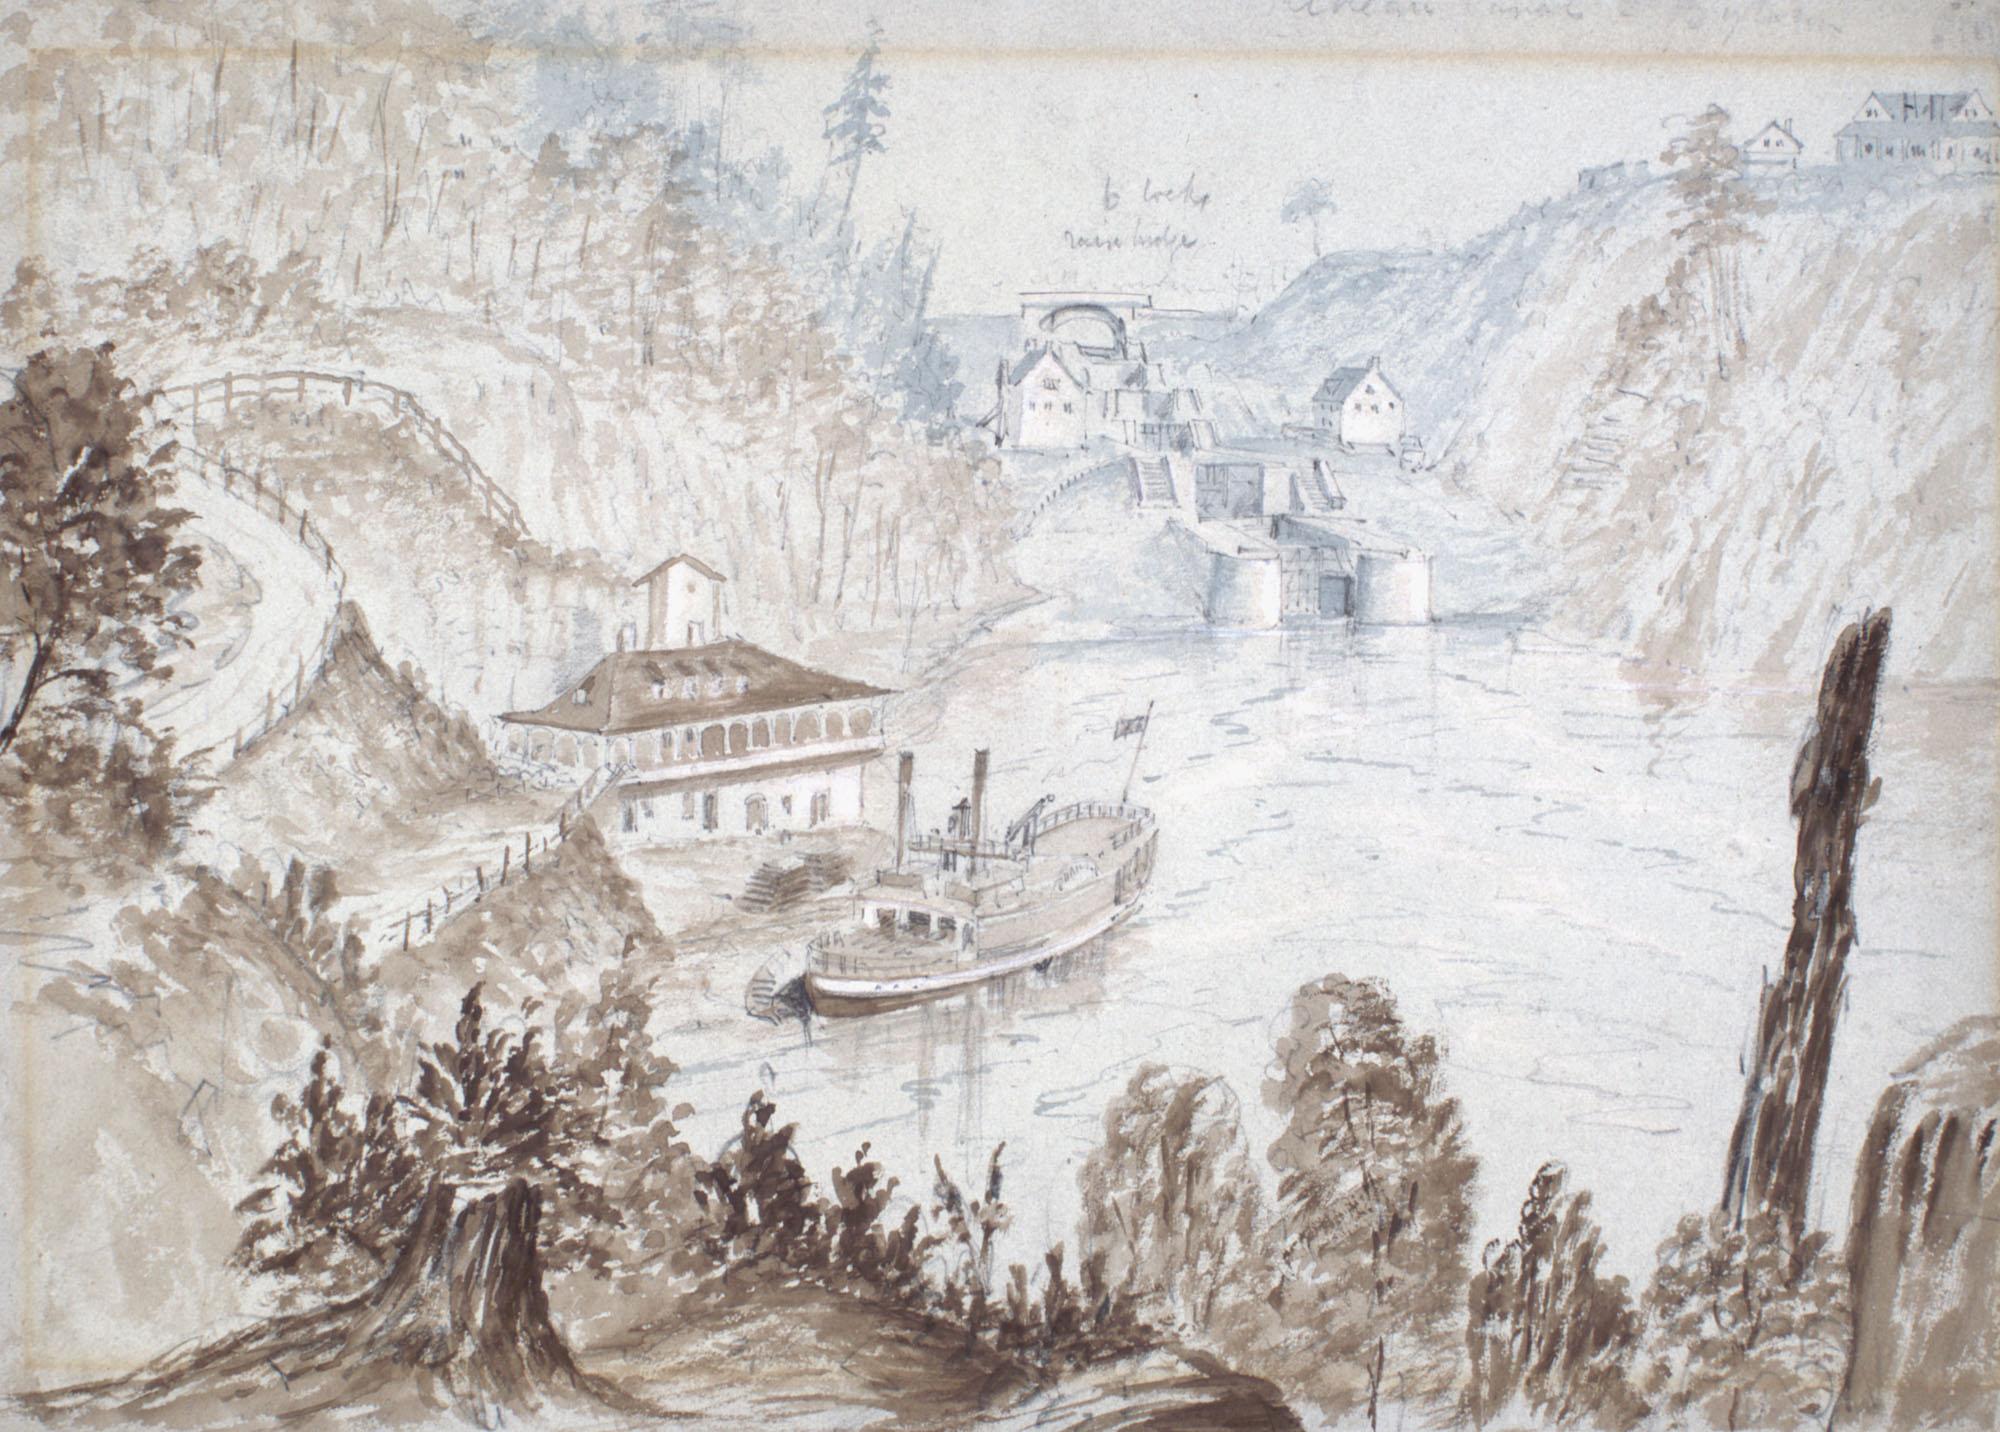 Aquarelle sur graphite, sur papier gris. Différentes teintes de brun sont utilisées au premier plan, et des gris-bleus en arrière-plan. Il s'agit d'une vue de très haut, surplombant les écluses à l'entrée du canal, où l'on aperçoit un bateau.